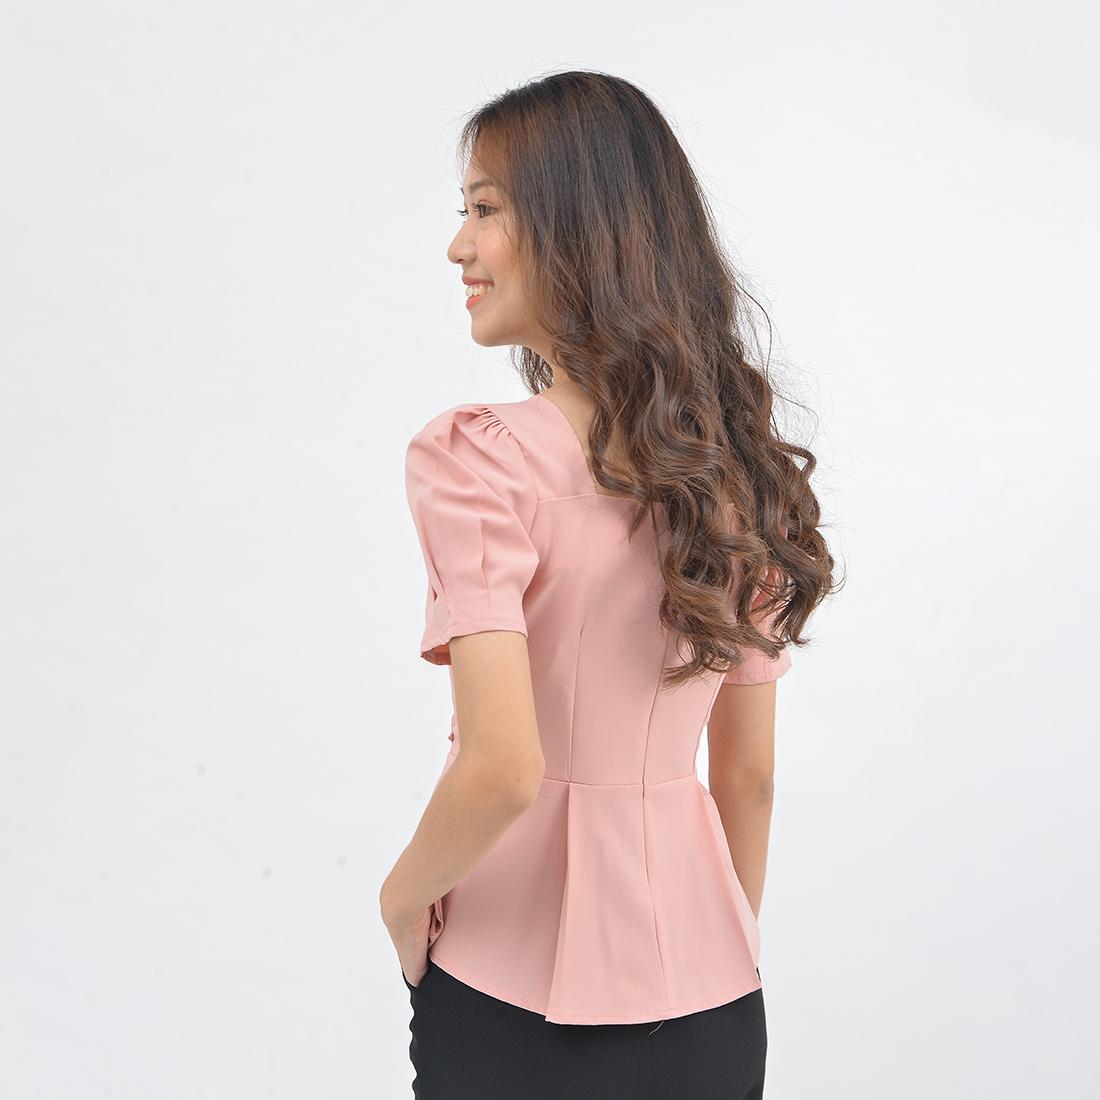 Áo kiểu peplum nữ thời trang Eden cổ vuông tôn dáng. Chất liệu mềm mại, đường may tỉ mỉ, chắc chắn - ASM137